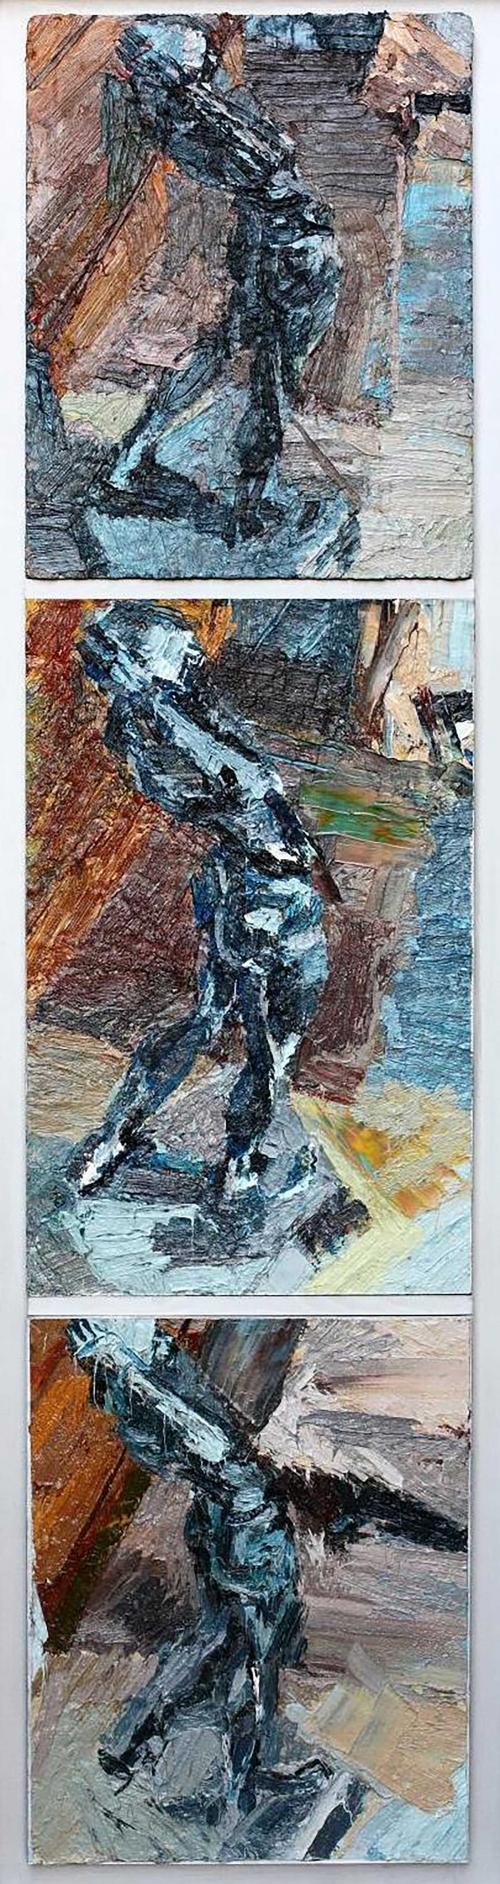 Clossick-Peter-Triptych.jpg